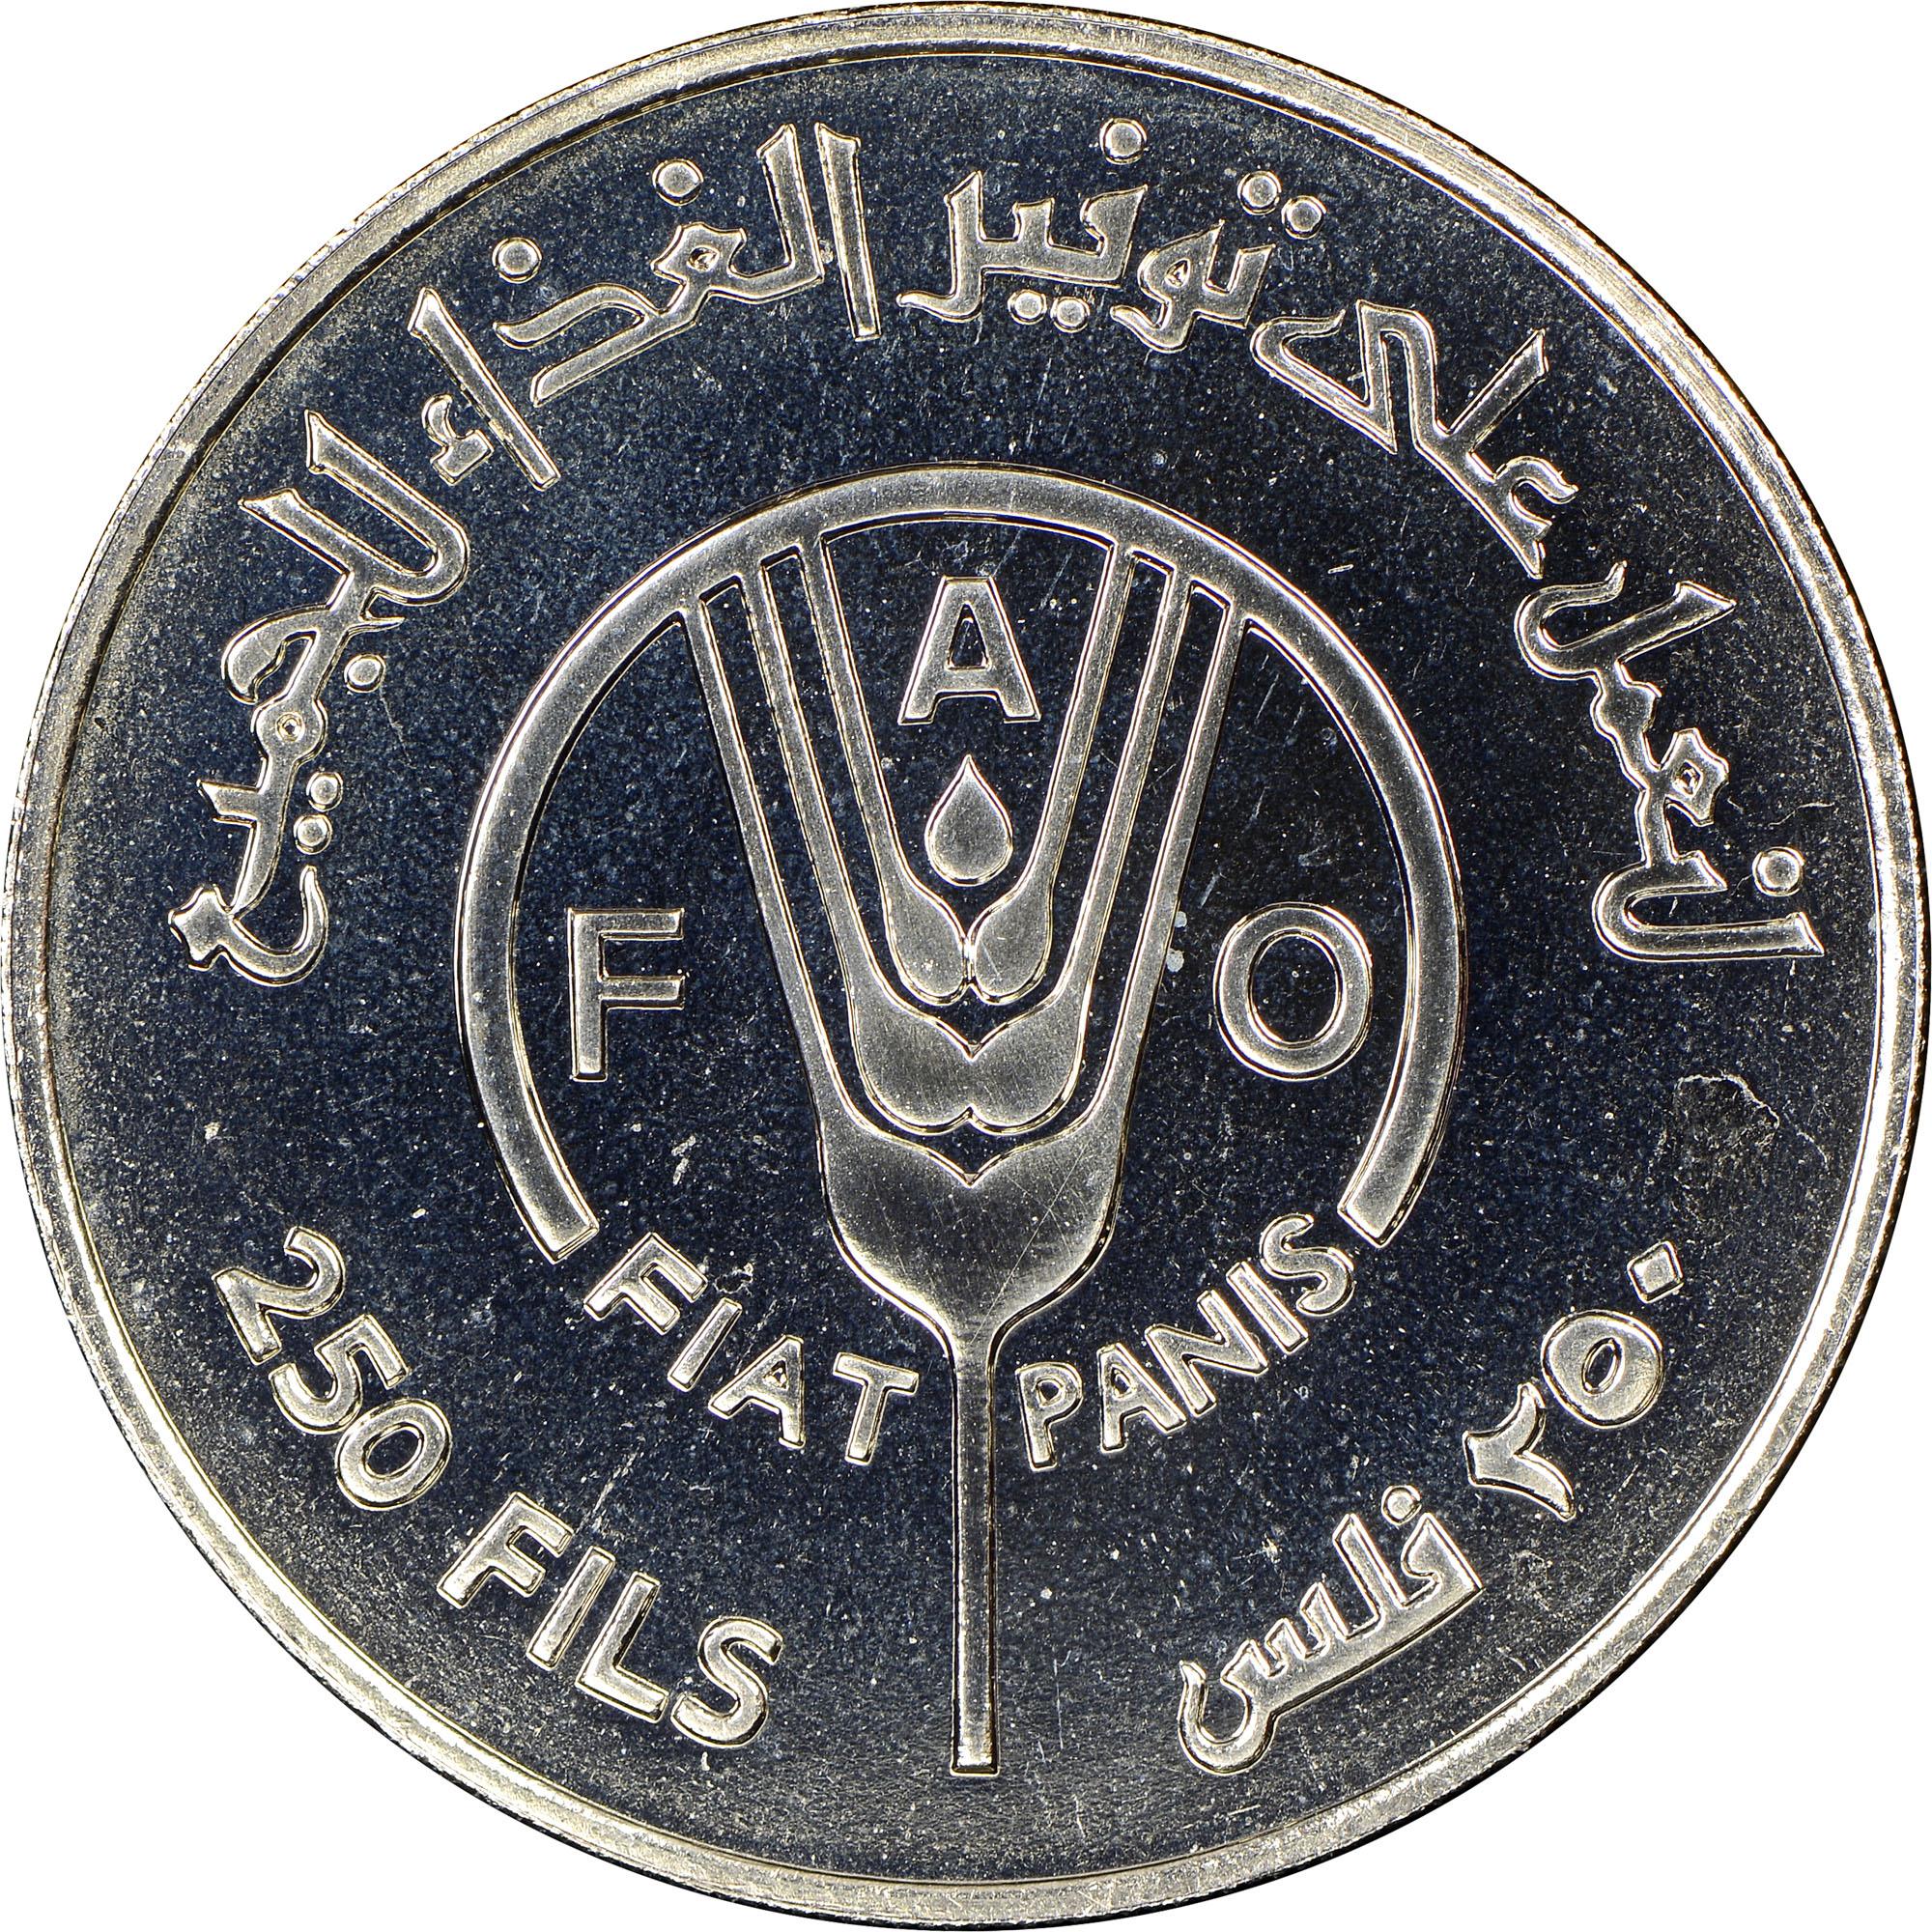 Bahrain 250 Fils reverse